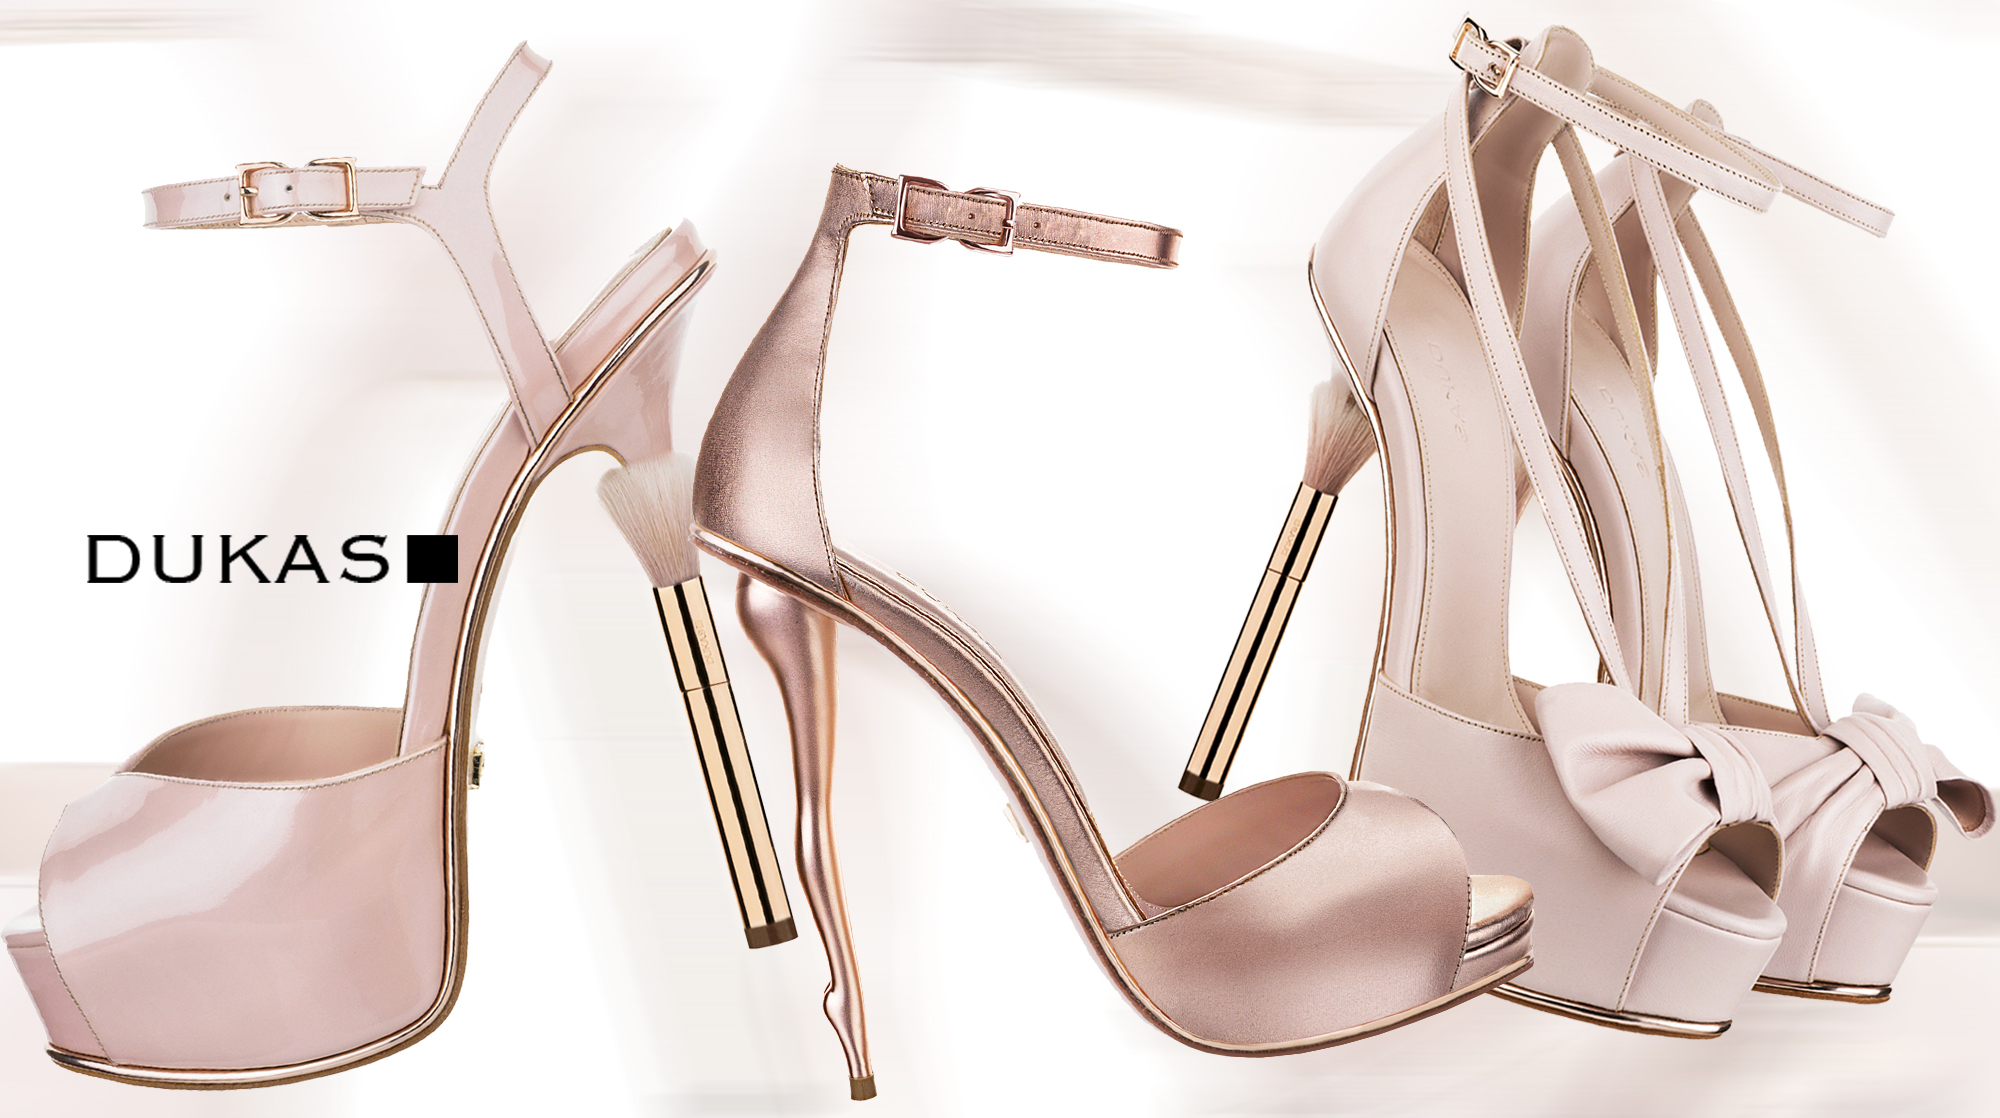 0366bc5c398 Official DUKAS Online Boutique - Luxury Shoes